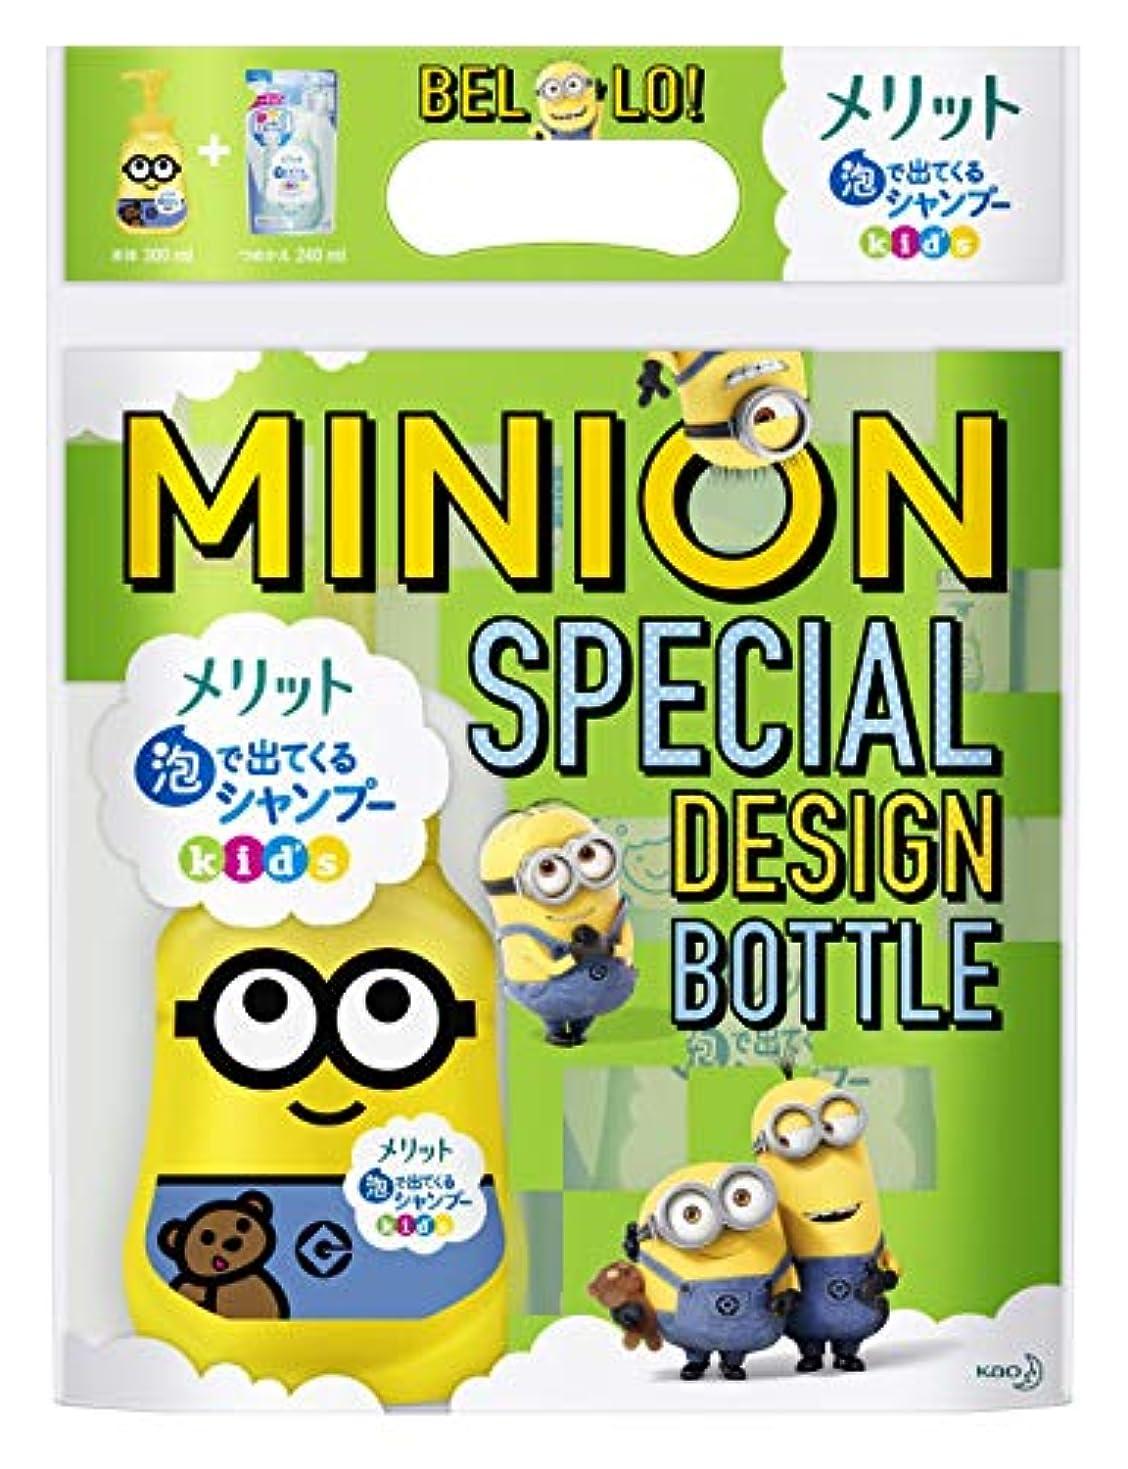 国民投票例示するマトンメリット 泡で出てくるシャンプー キッズ ミニオン スペシャルデザインボトル [ Minion Special Design Bottle ] + つめかえ用セット (デザインボトル300ml+つめかえ用240ml)